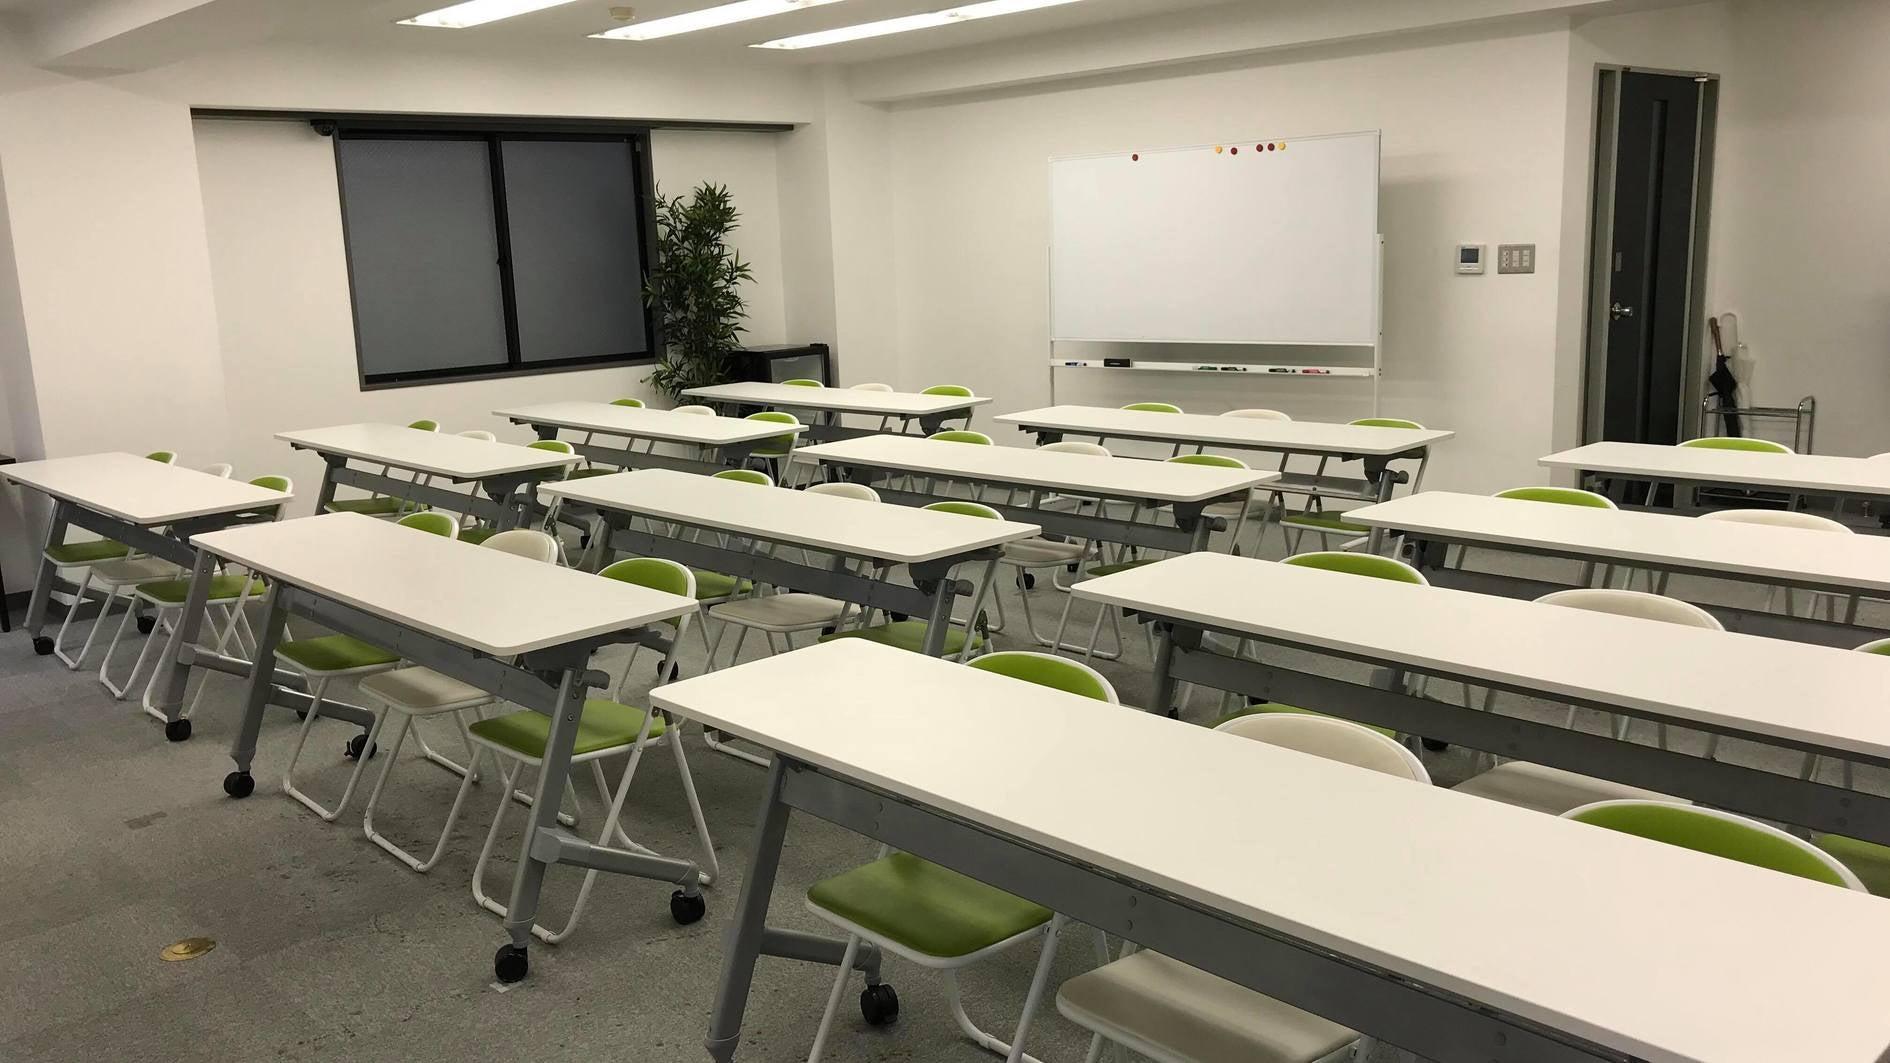 【24時間可】渋谷駅徒歩5分 プロジェクター・スクリーン・ホワイトボード完備の36名着席可能な自然光が入る会議室(Jマッチ・貸し会議室(第2研修ルーム)6F) の写真0